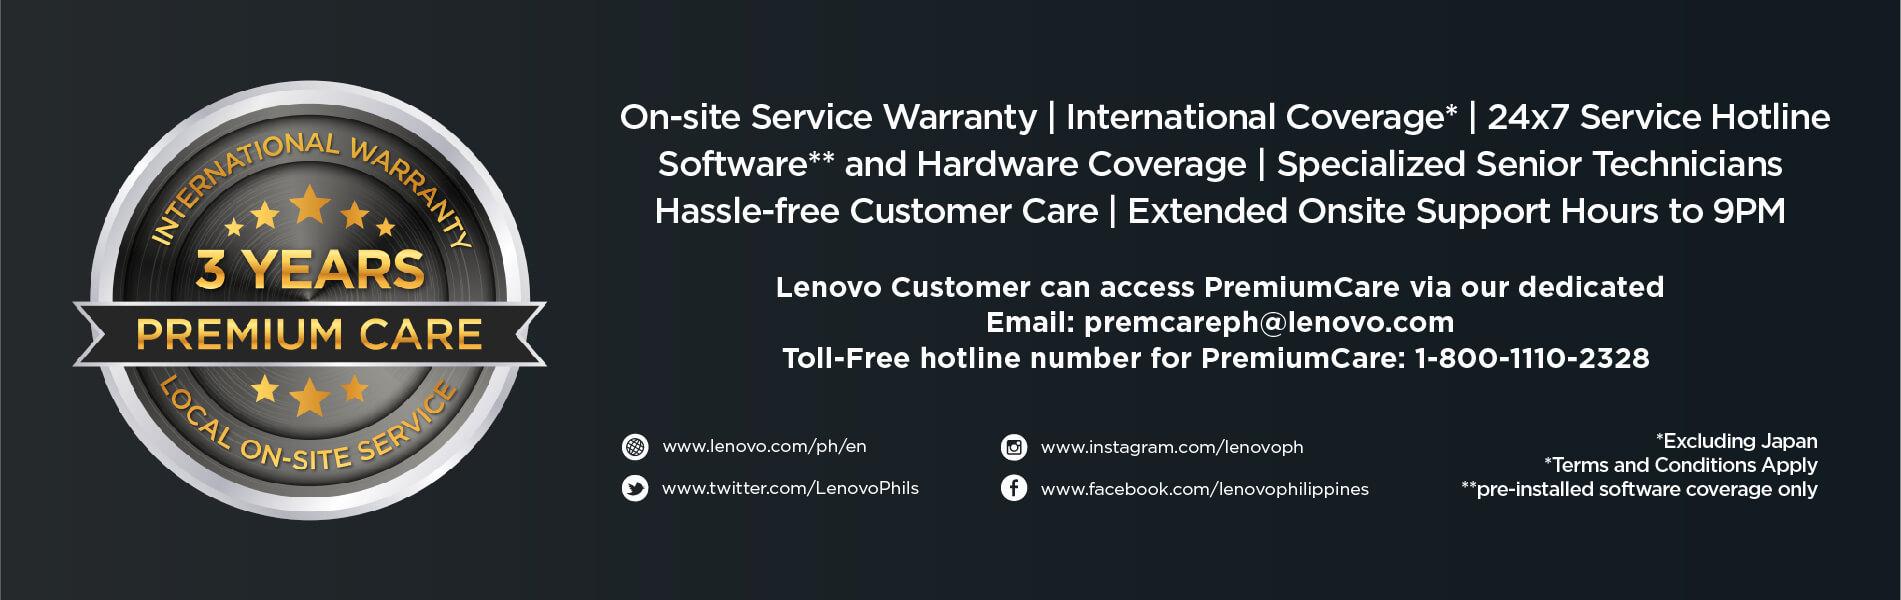 Legion Premium Care